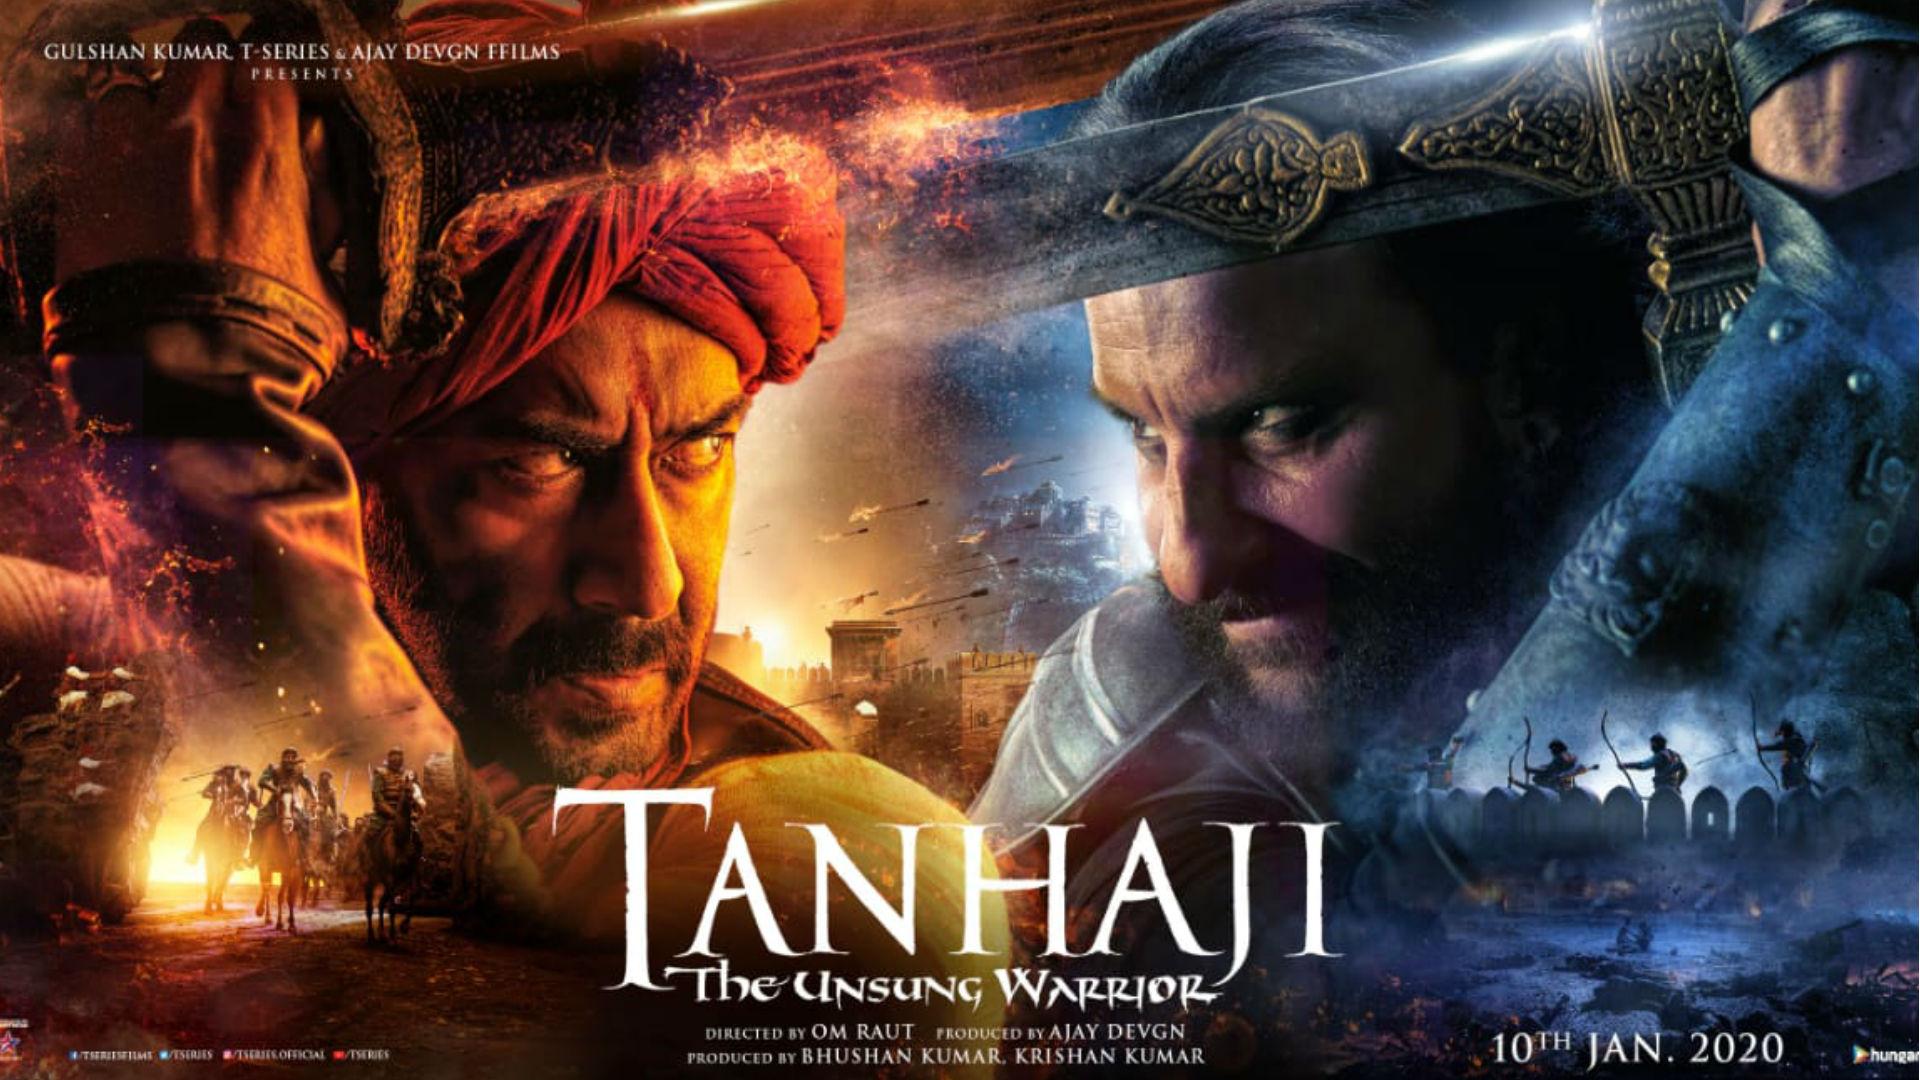 Tanhaji Box Office Collection Day 4: अजय देवगन और काजोल की फिल्म ने चौथे दिन कमाएइतने करोड़